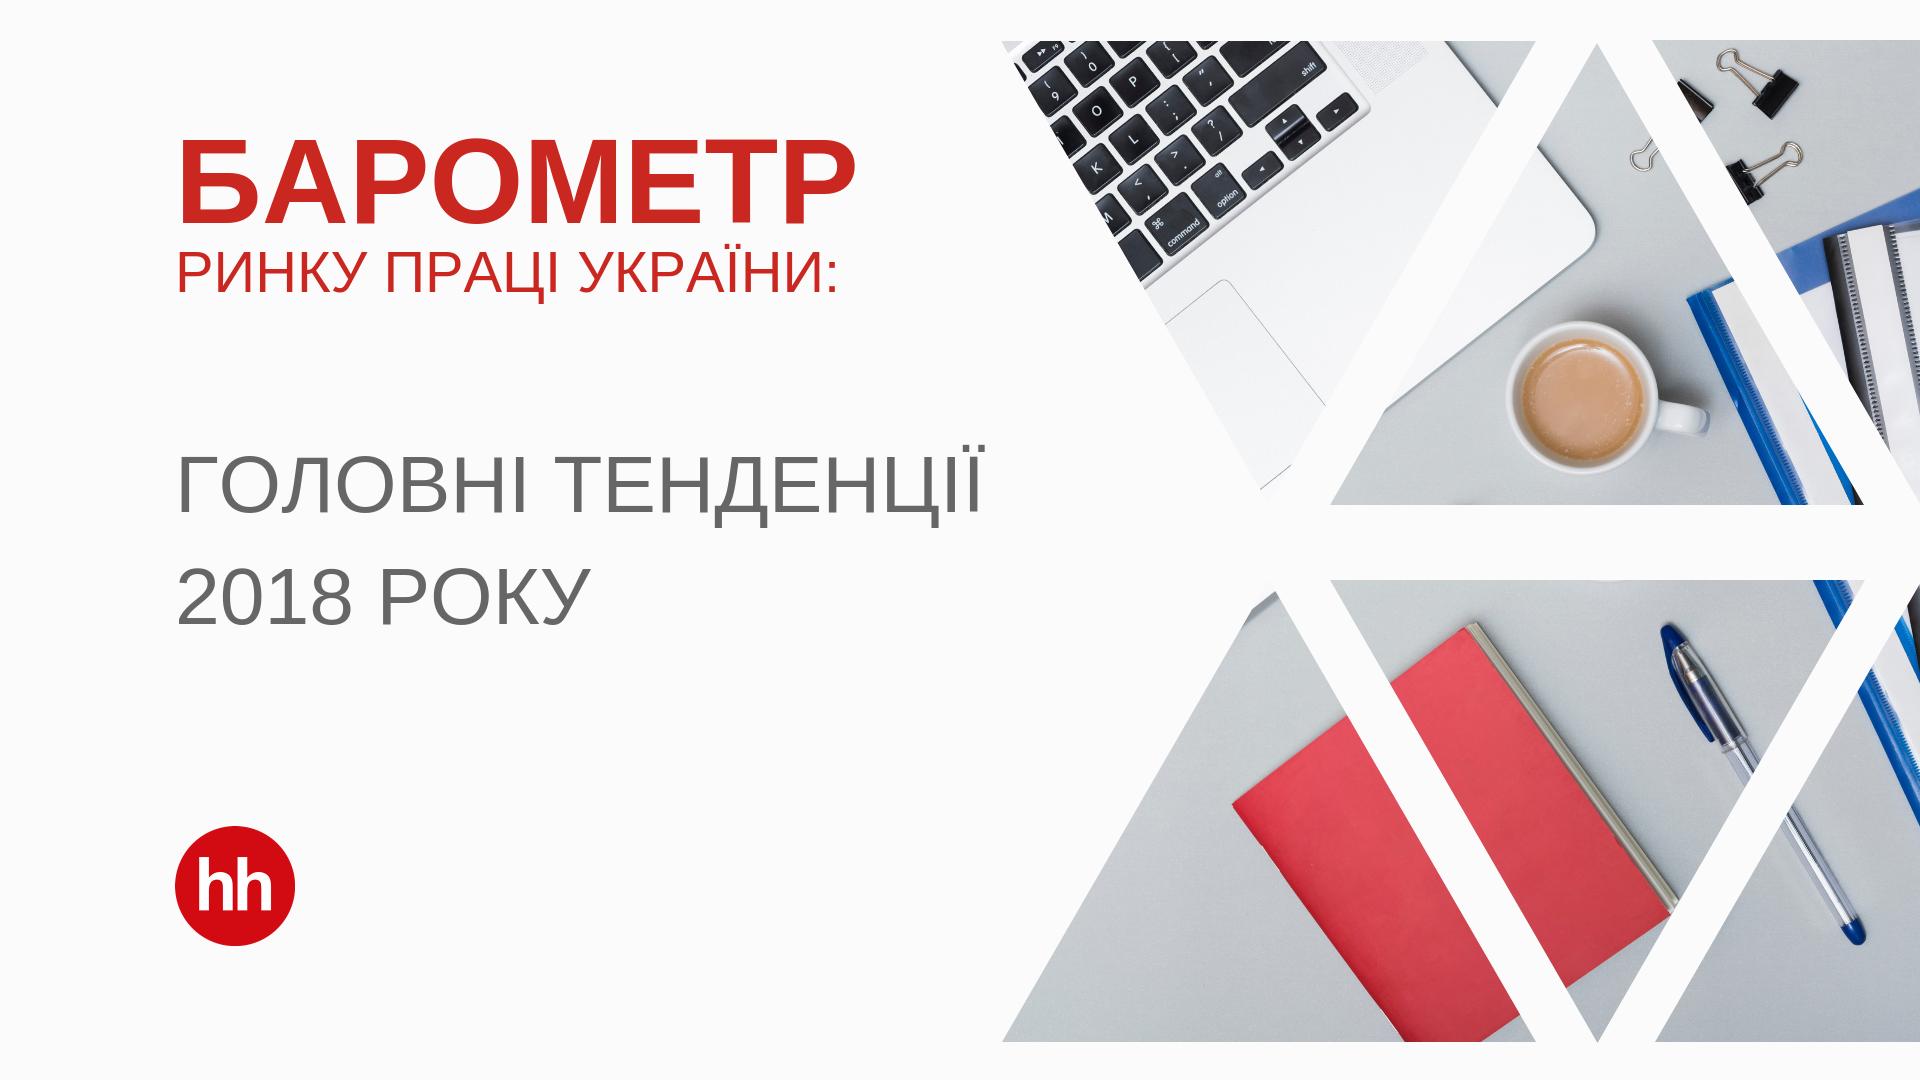 Барометр ринку праці України: головні тенденції 2018 року